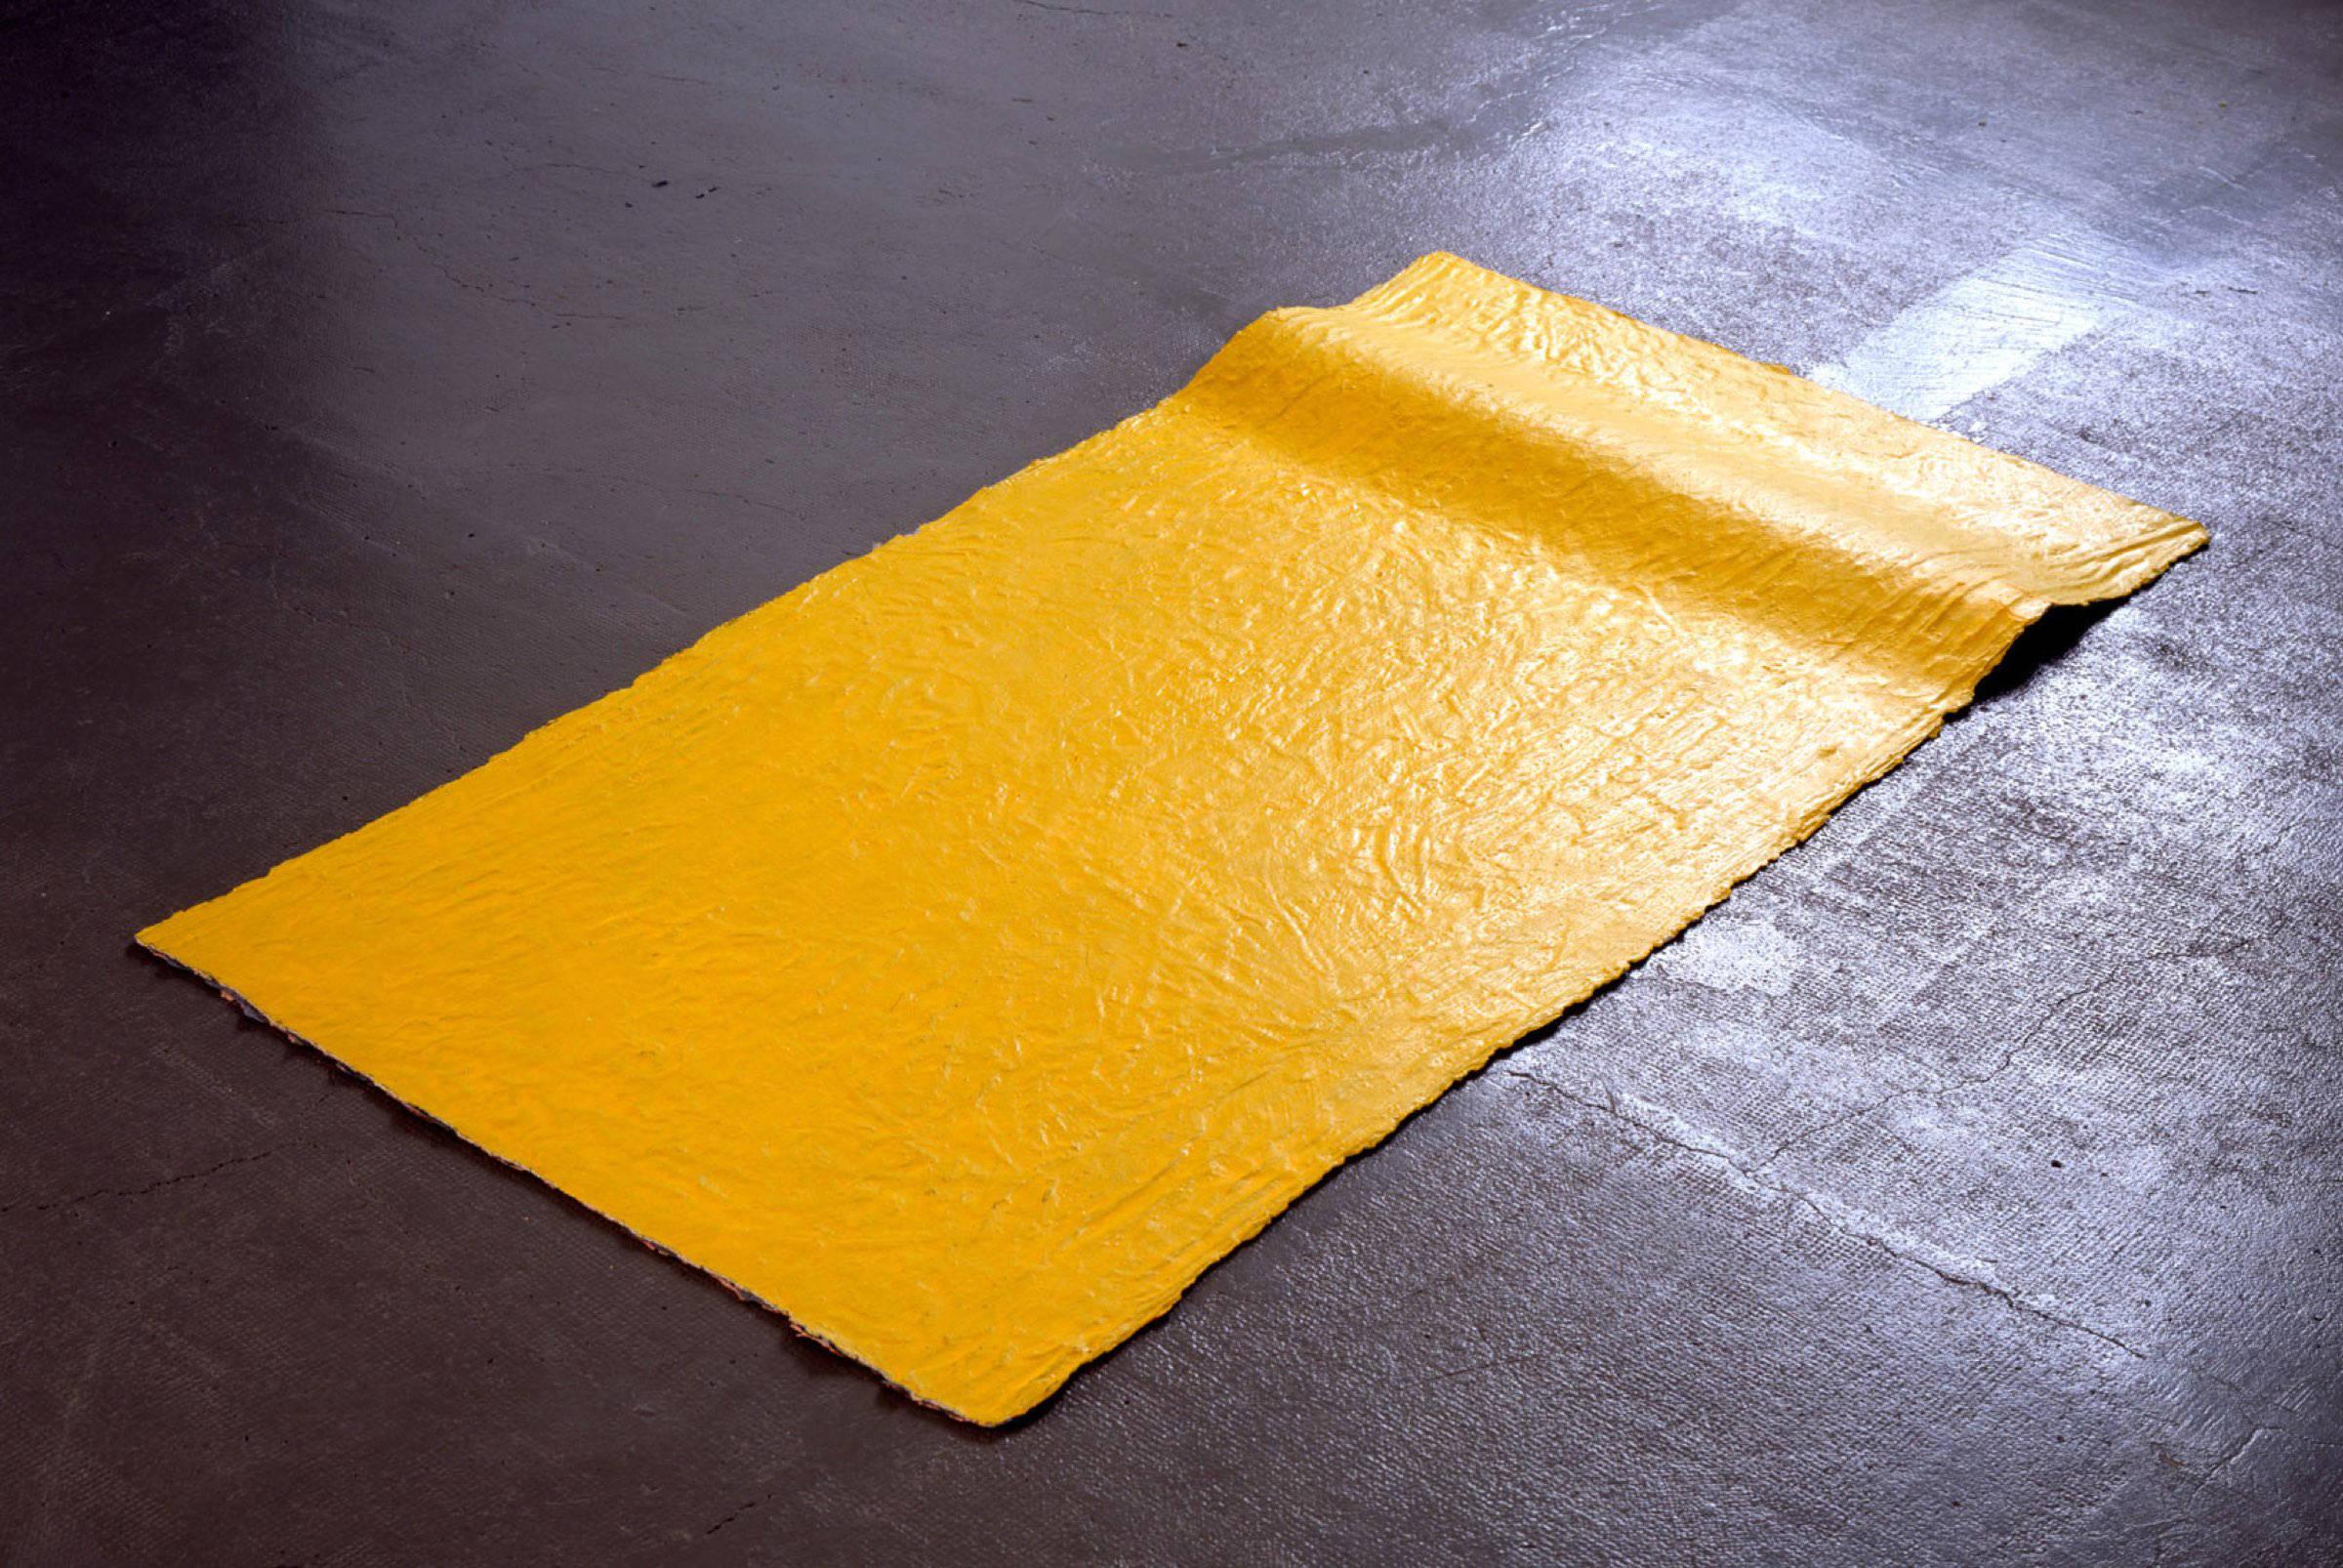 Lit, 1994, peinture sans support, peinture acrylique , vinylique et synthétique, env. 87 x 155 x 1 cm